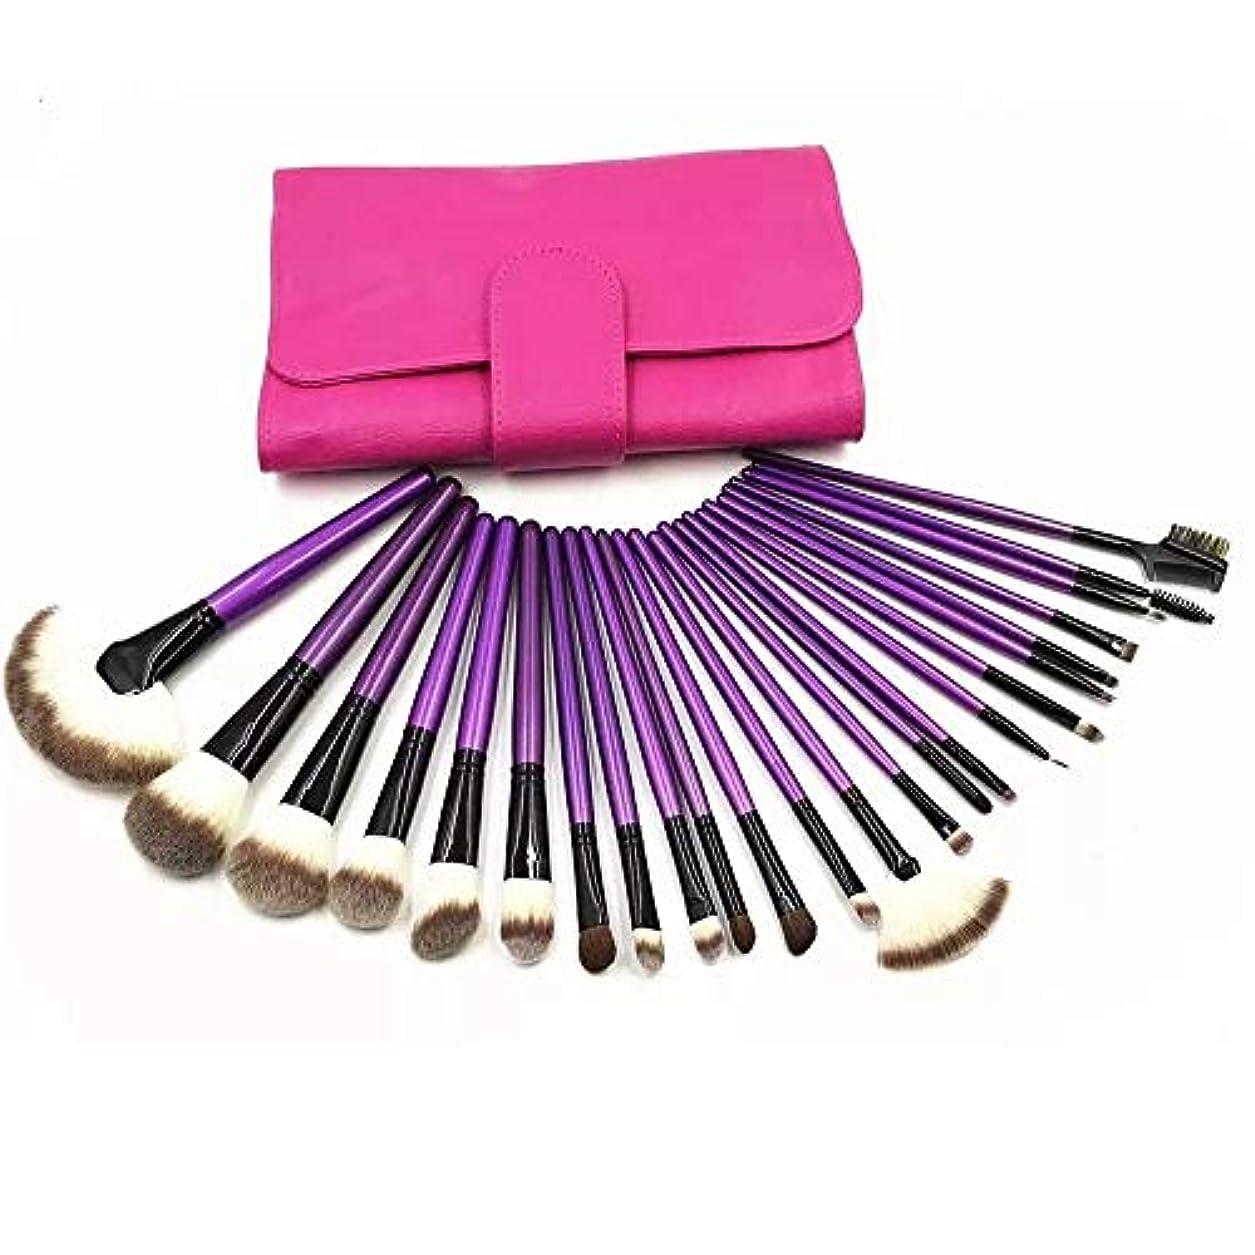 文明化する見通し障害者Makeup brushes 多様性に富んだ完璧な使用、あなたの必要性を許すために保護袖が付いている24の専門の構造のブラシの場所 suits (Color : Purple)